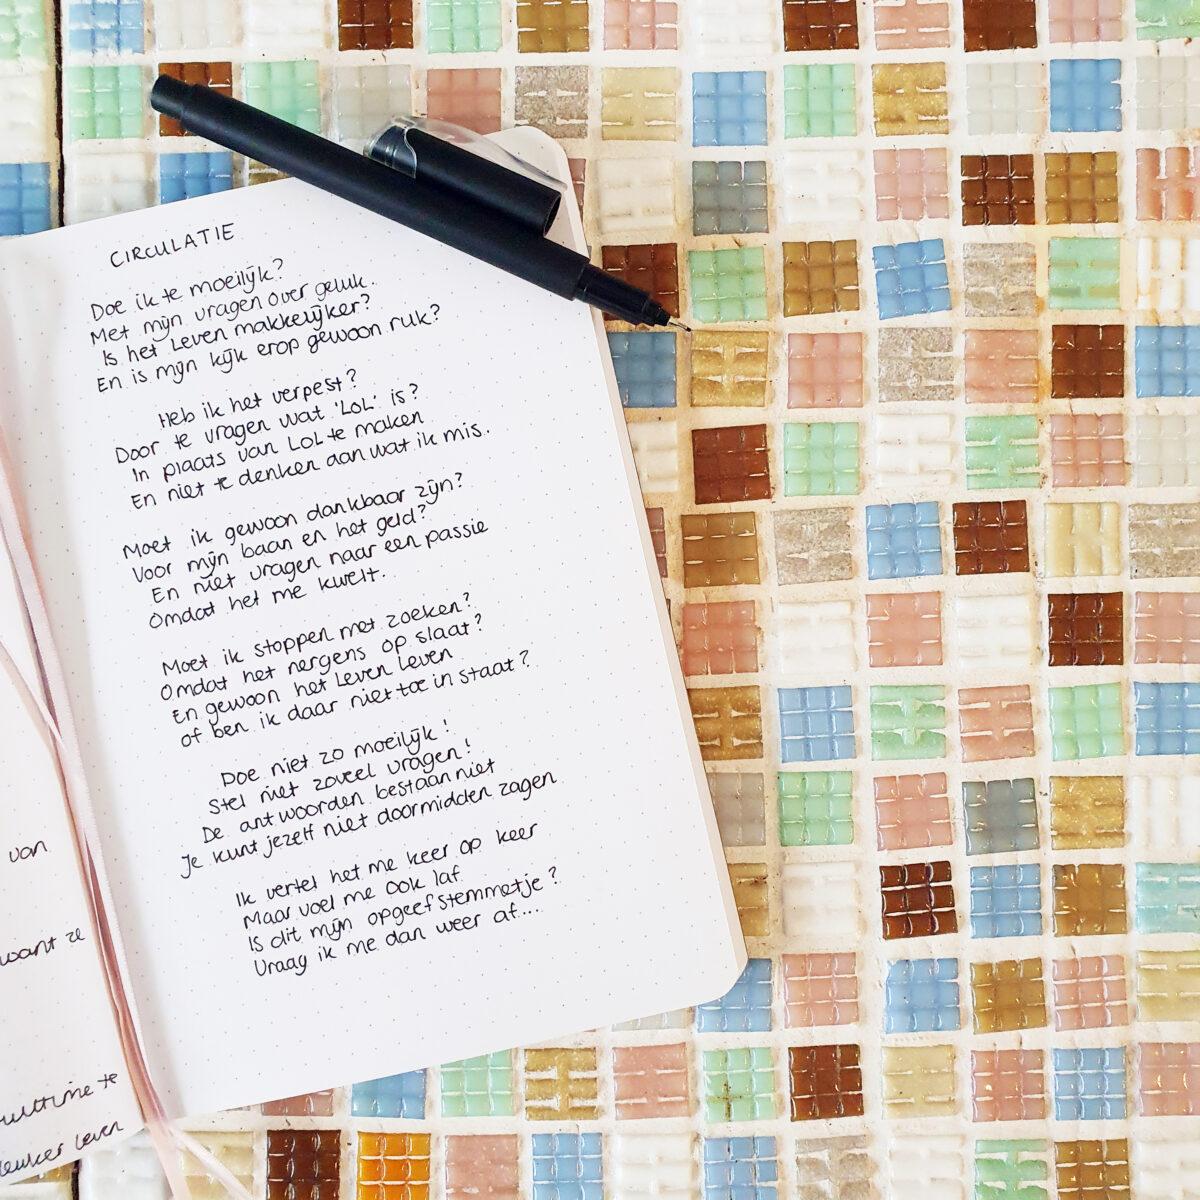 verkoop een gedichtenbundel en geld verdienen naast je baan